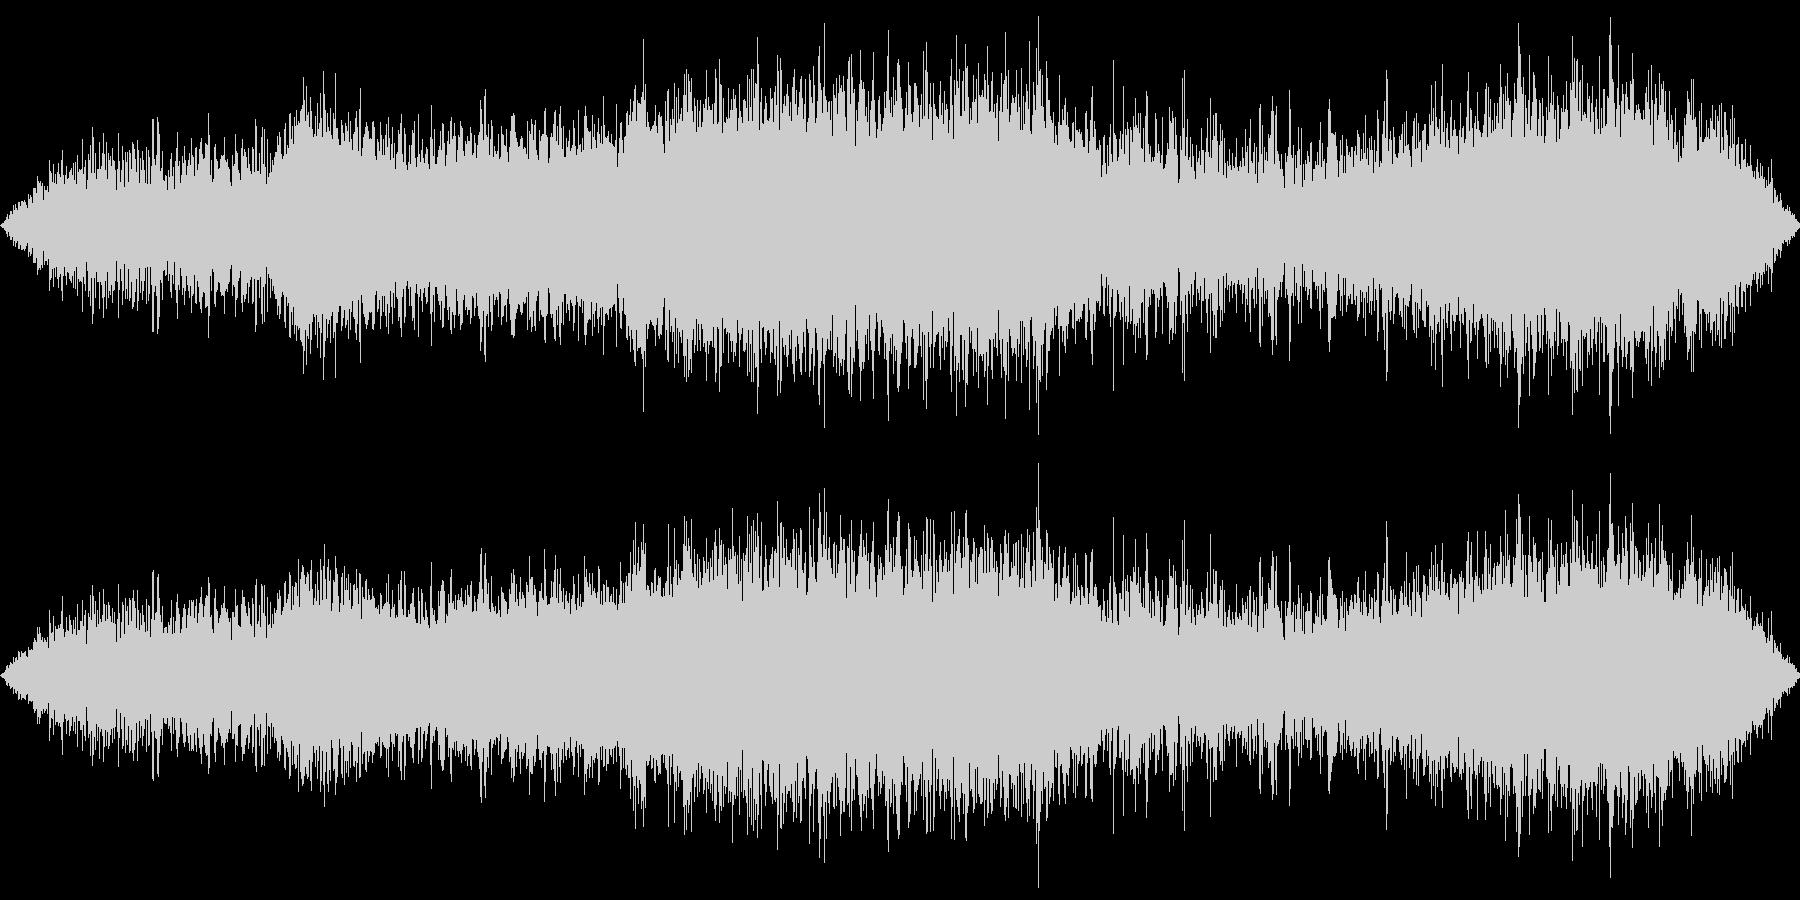 東京地下鉄の環境音(生録音)の未再生の波形